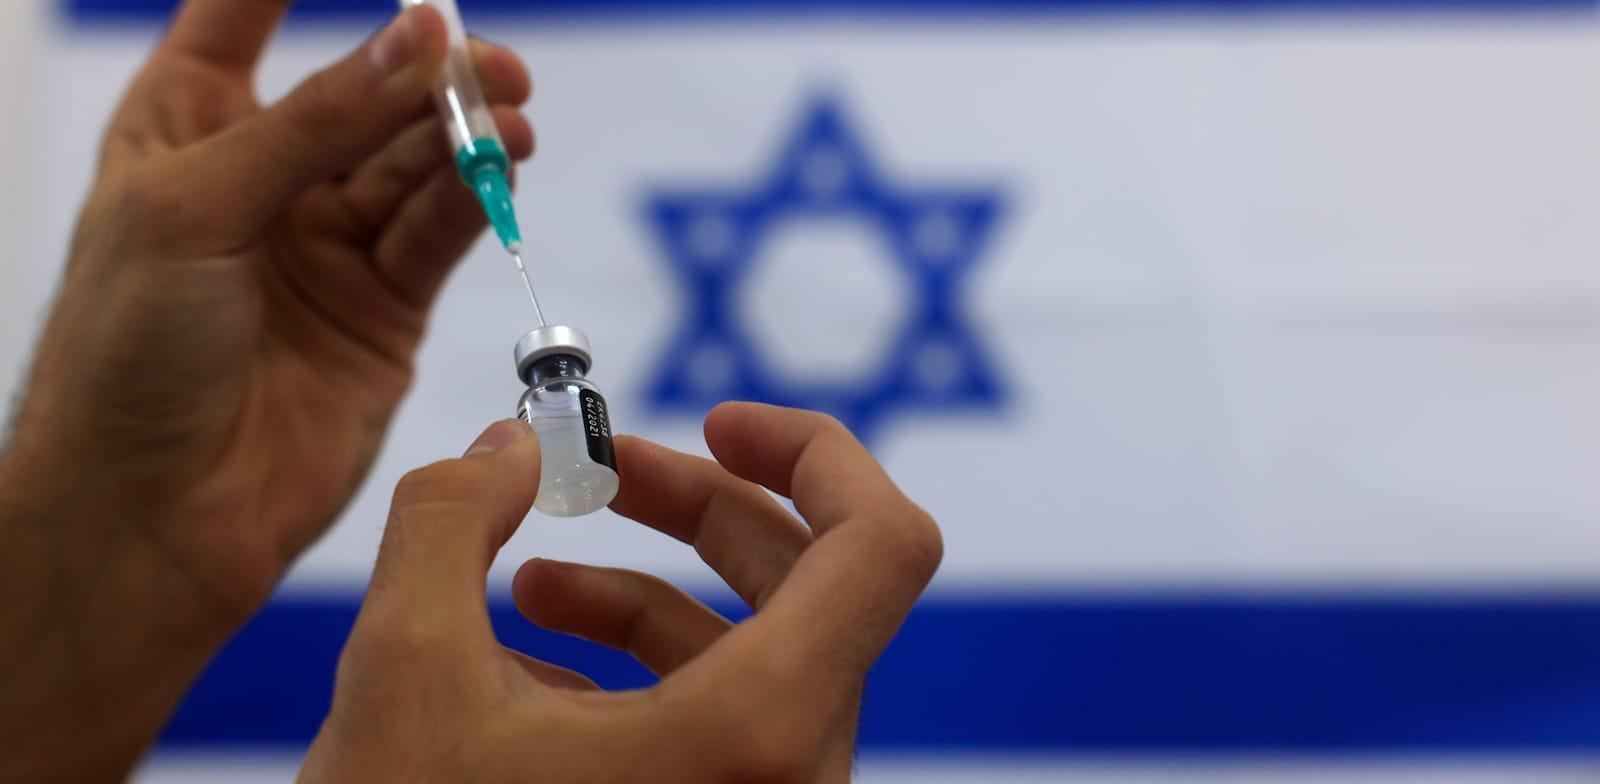 פרמדיק צבאי מכין חיסון קורונה להזרקה באשדוד / צילום: Associated Press, Tsafrir Abayov